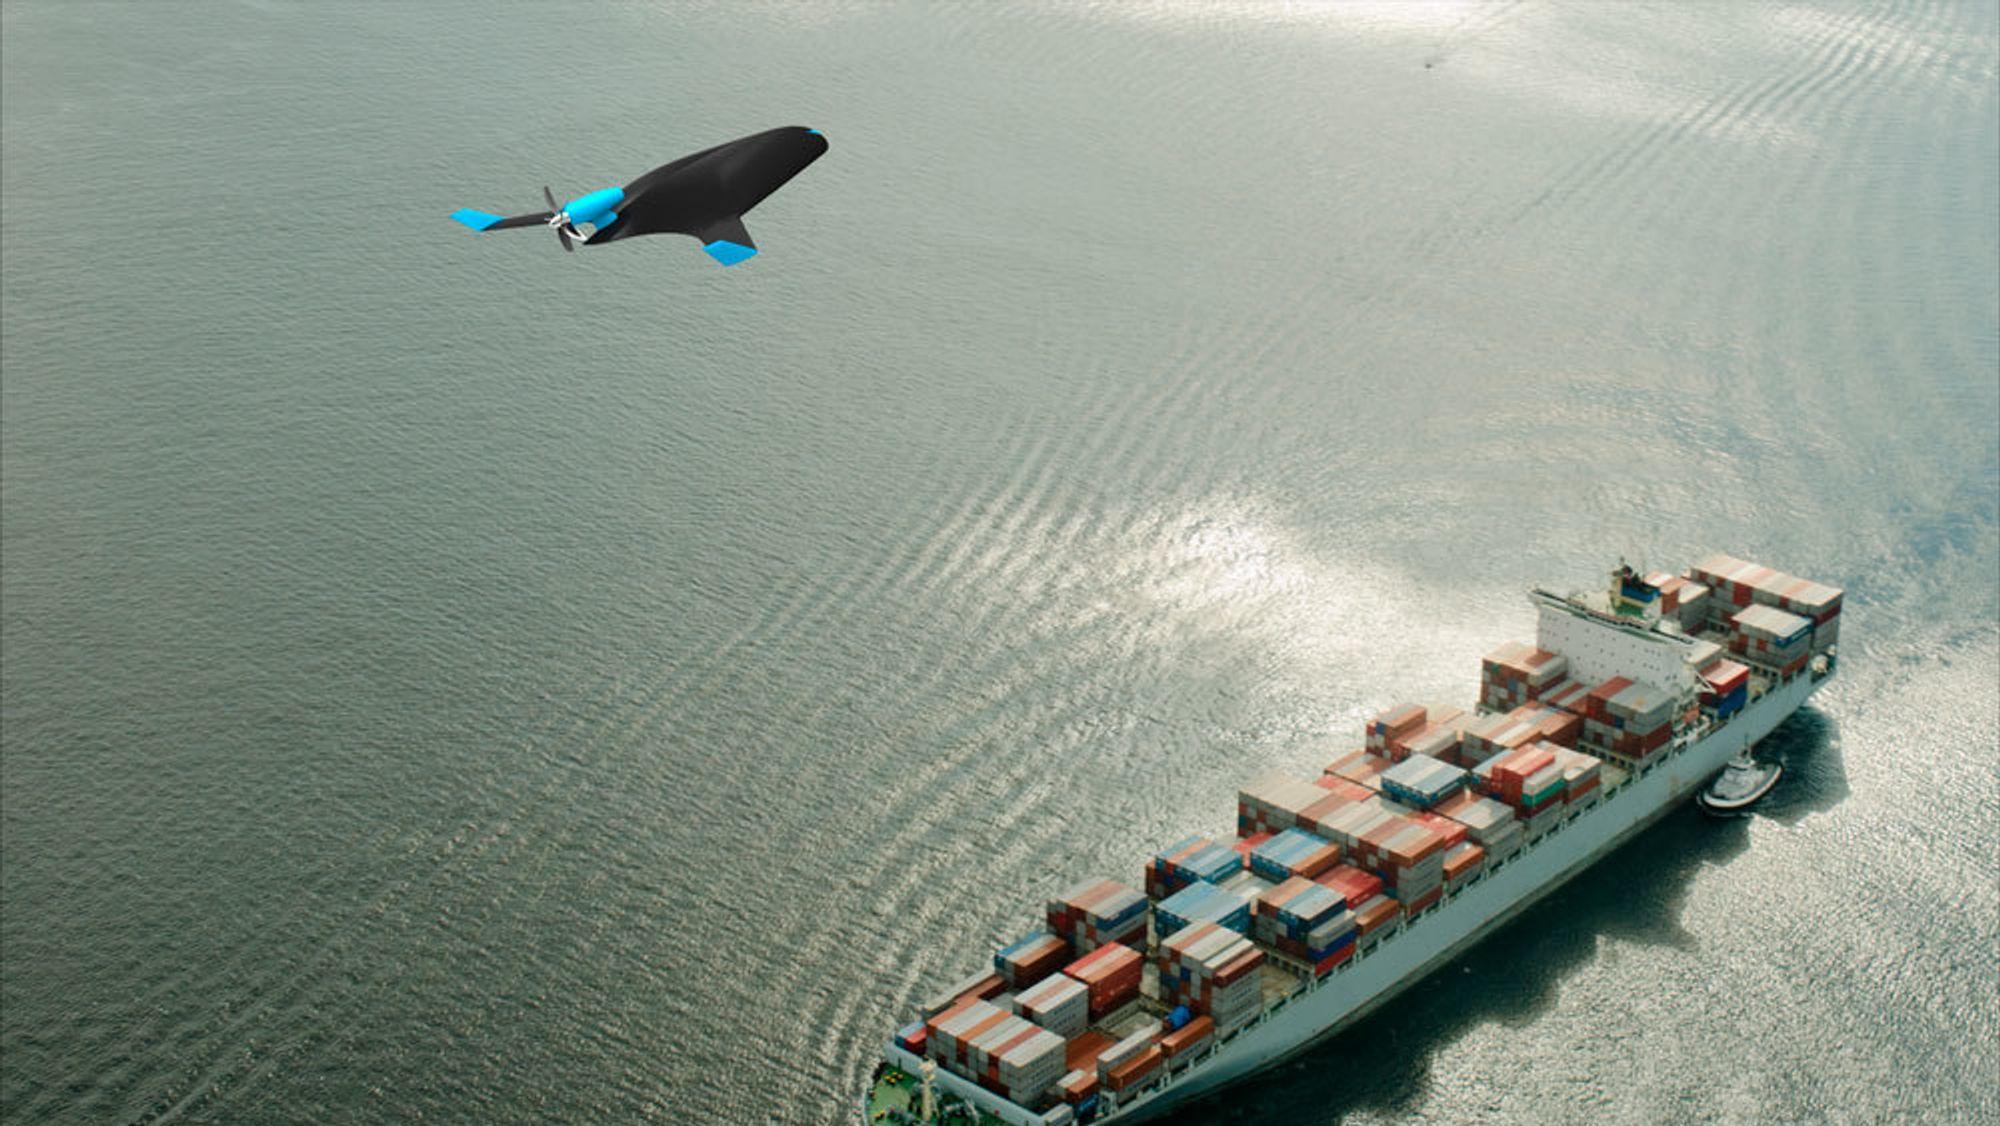 Amerikanske Natilus jobber med å utvikle autonome fraktdroner som blant annet skal kunne lade på vann.